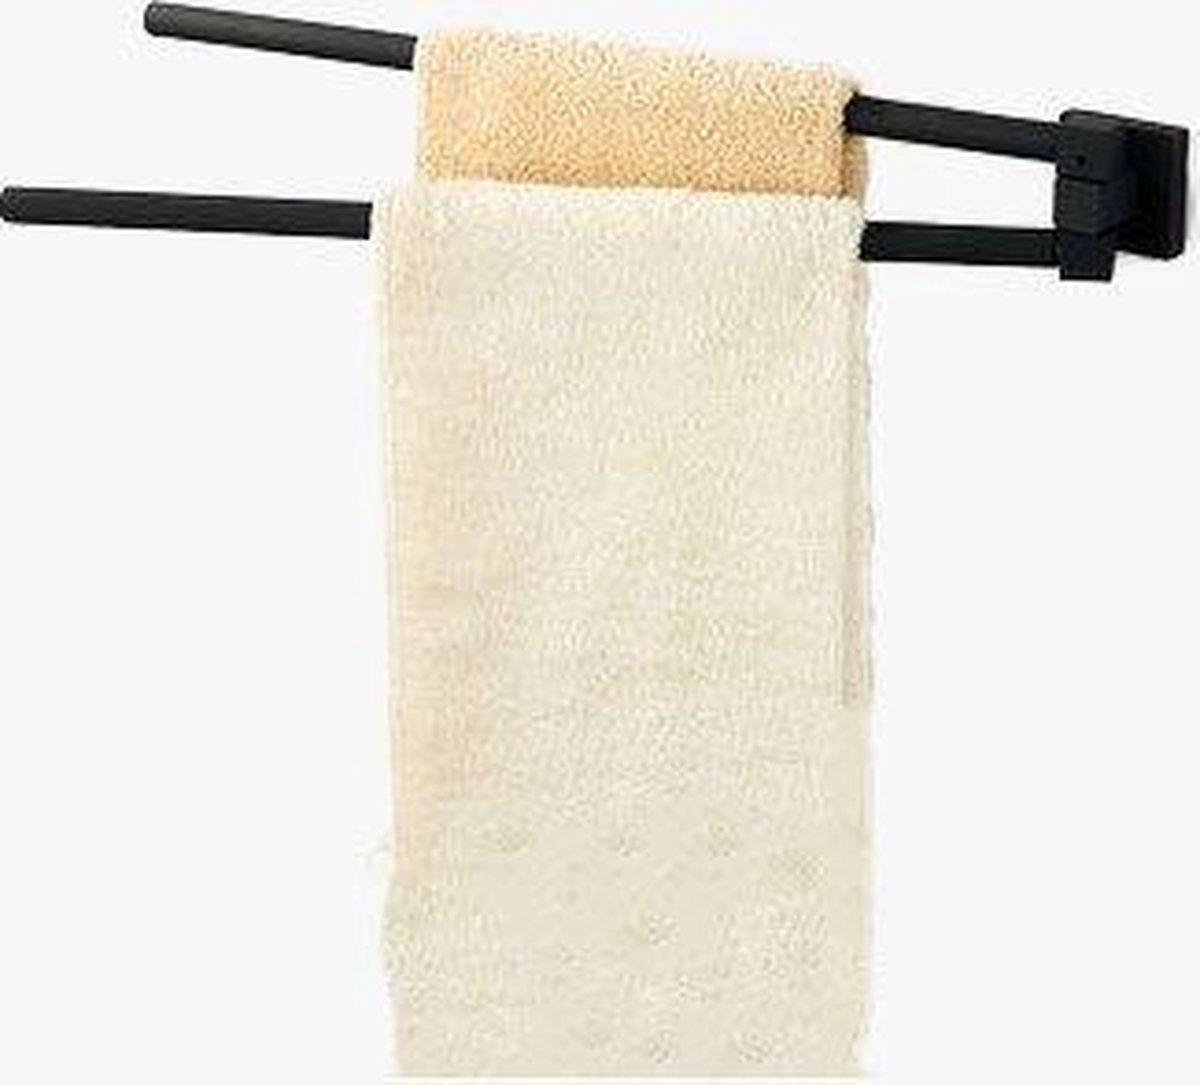 Handdoekenrek Boaz | Dubbel rek | Mat zwart | Roestvrij staal | Hangend Vrijstaand | Badkamer | Bathroom | Towel rack | Badkamer rek | Zwarte accessoires | Badkamer accessoires | Handdoekstang | Handdoekrek | Handdoekhouder| Towel rack black